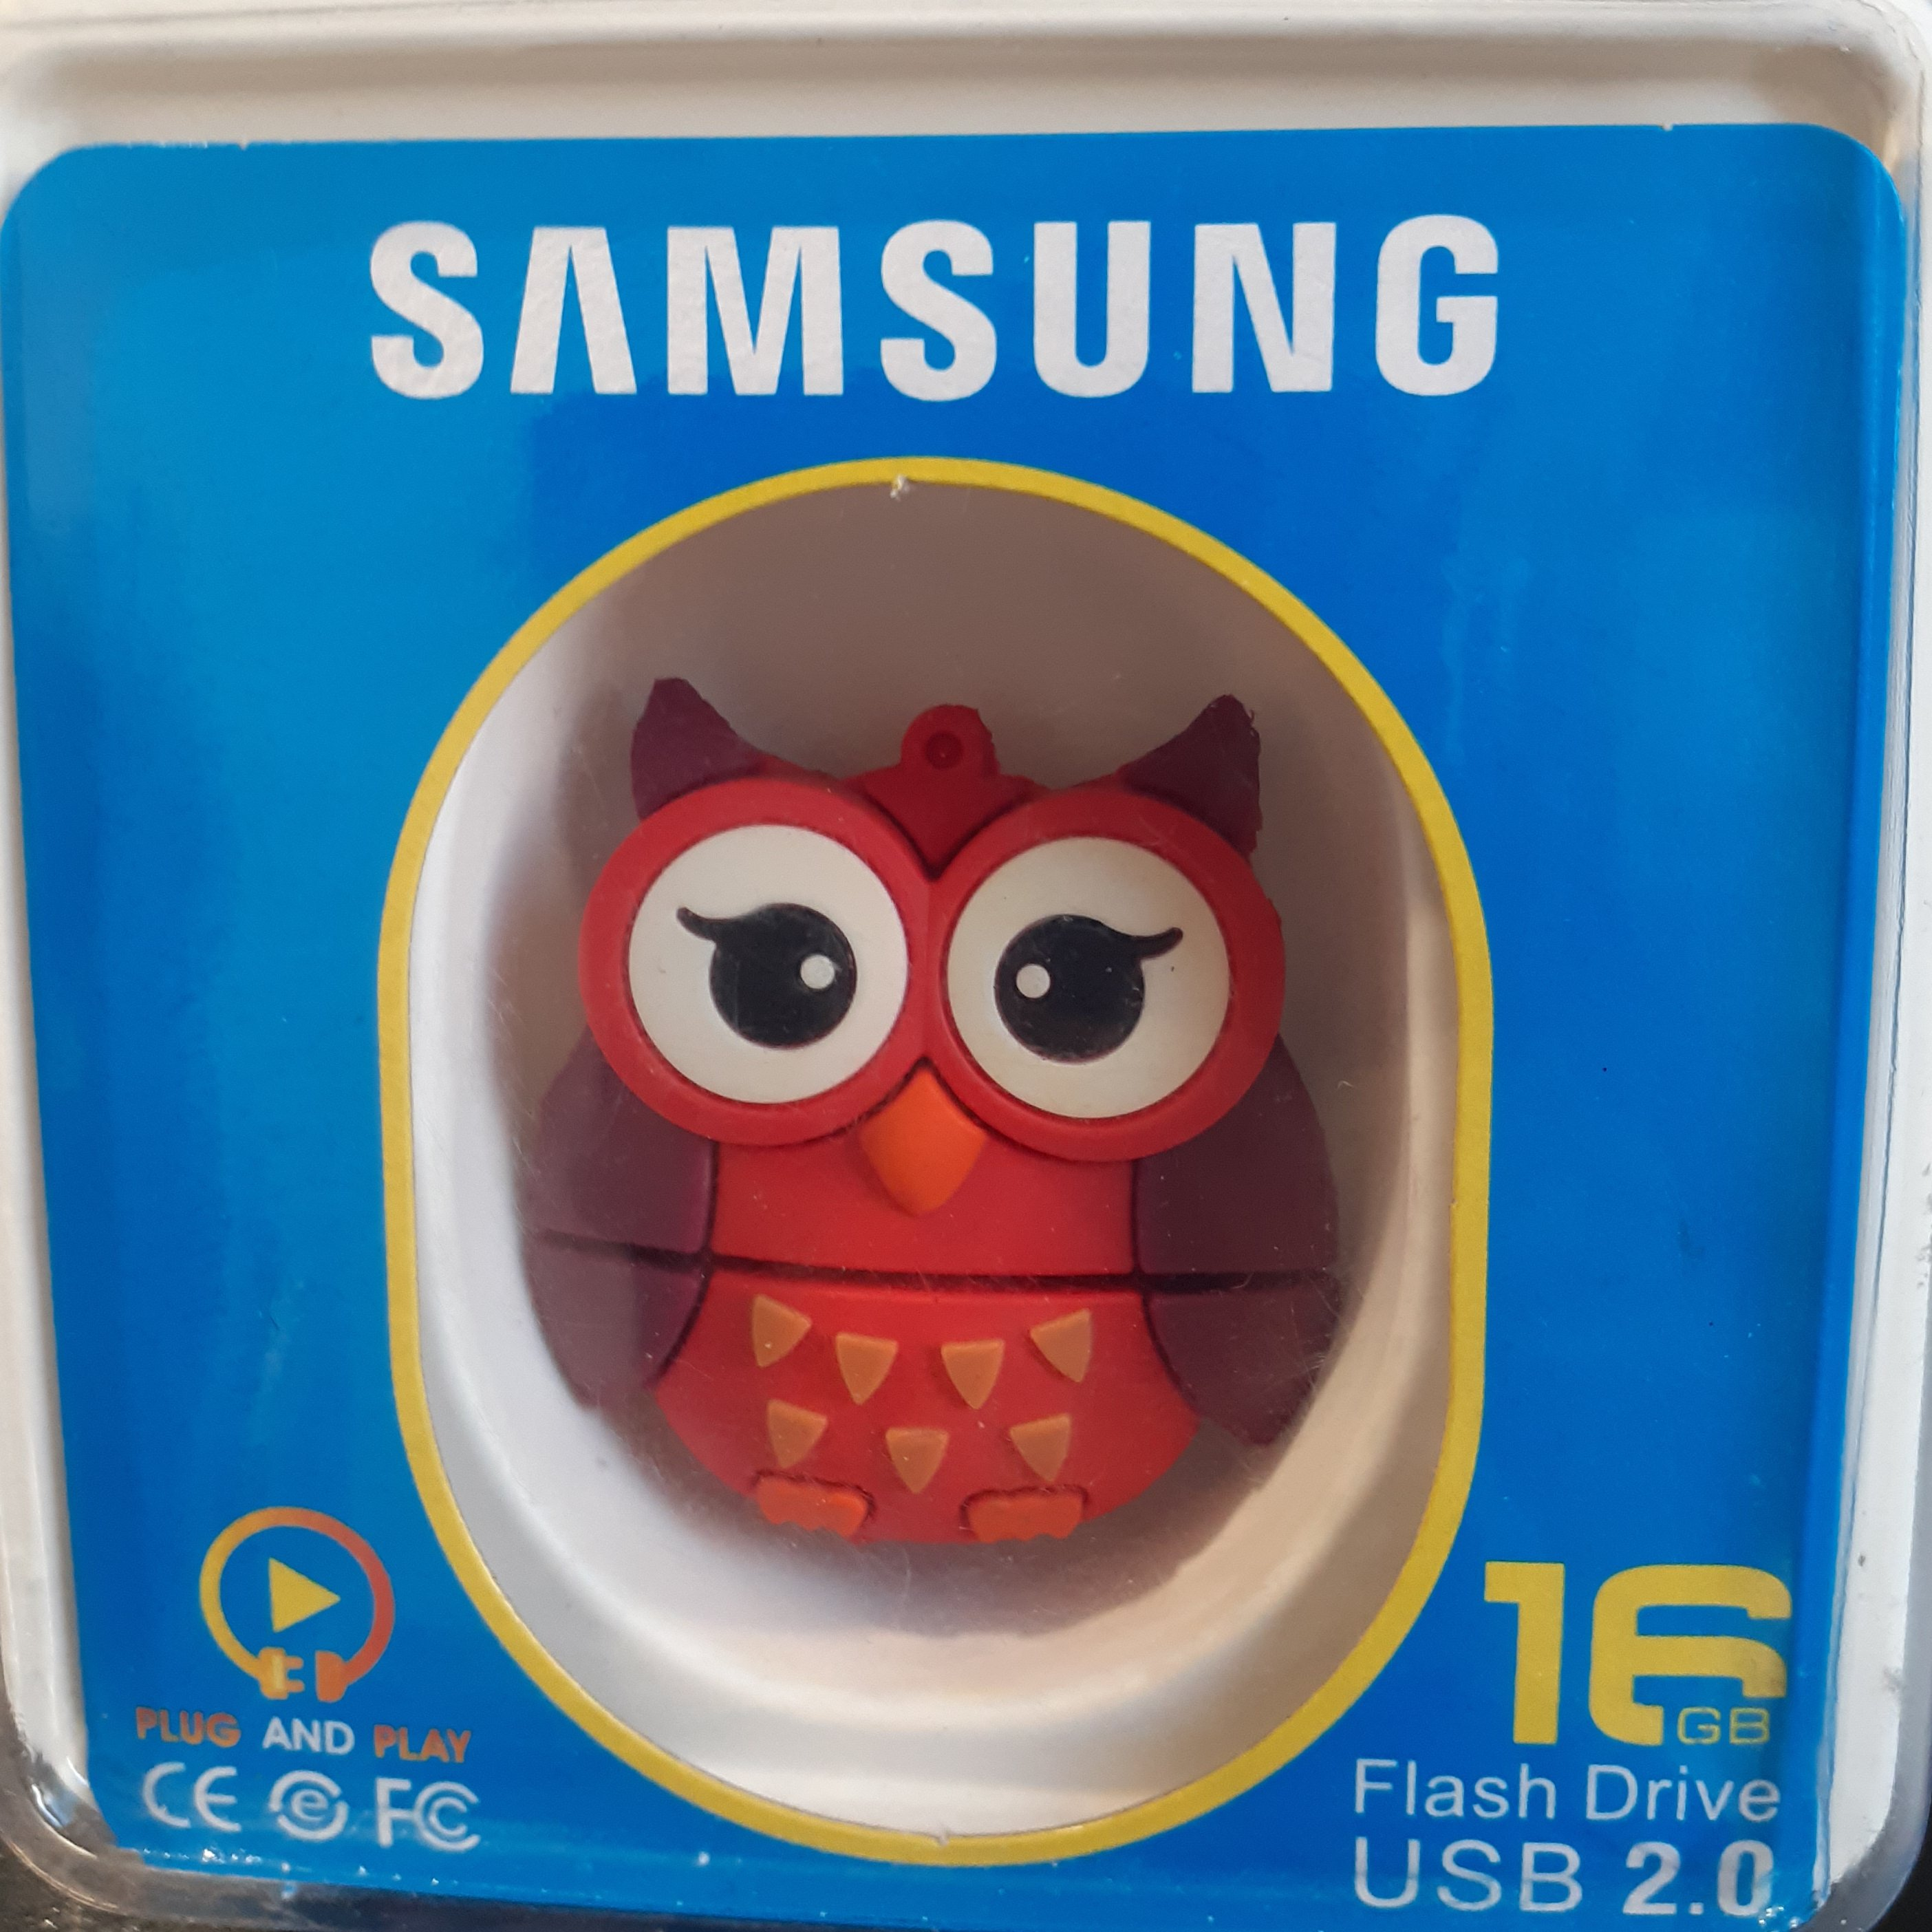 تصویر فلش عروسکی 16 گیگ سامسونگ Flash Drive 16 GB USB 2.0 طرح جغد، روباه